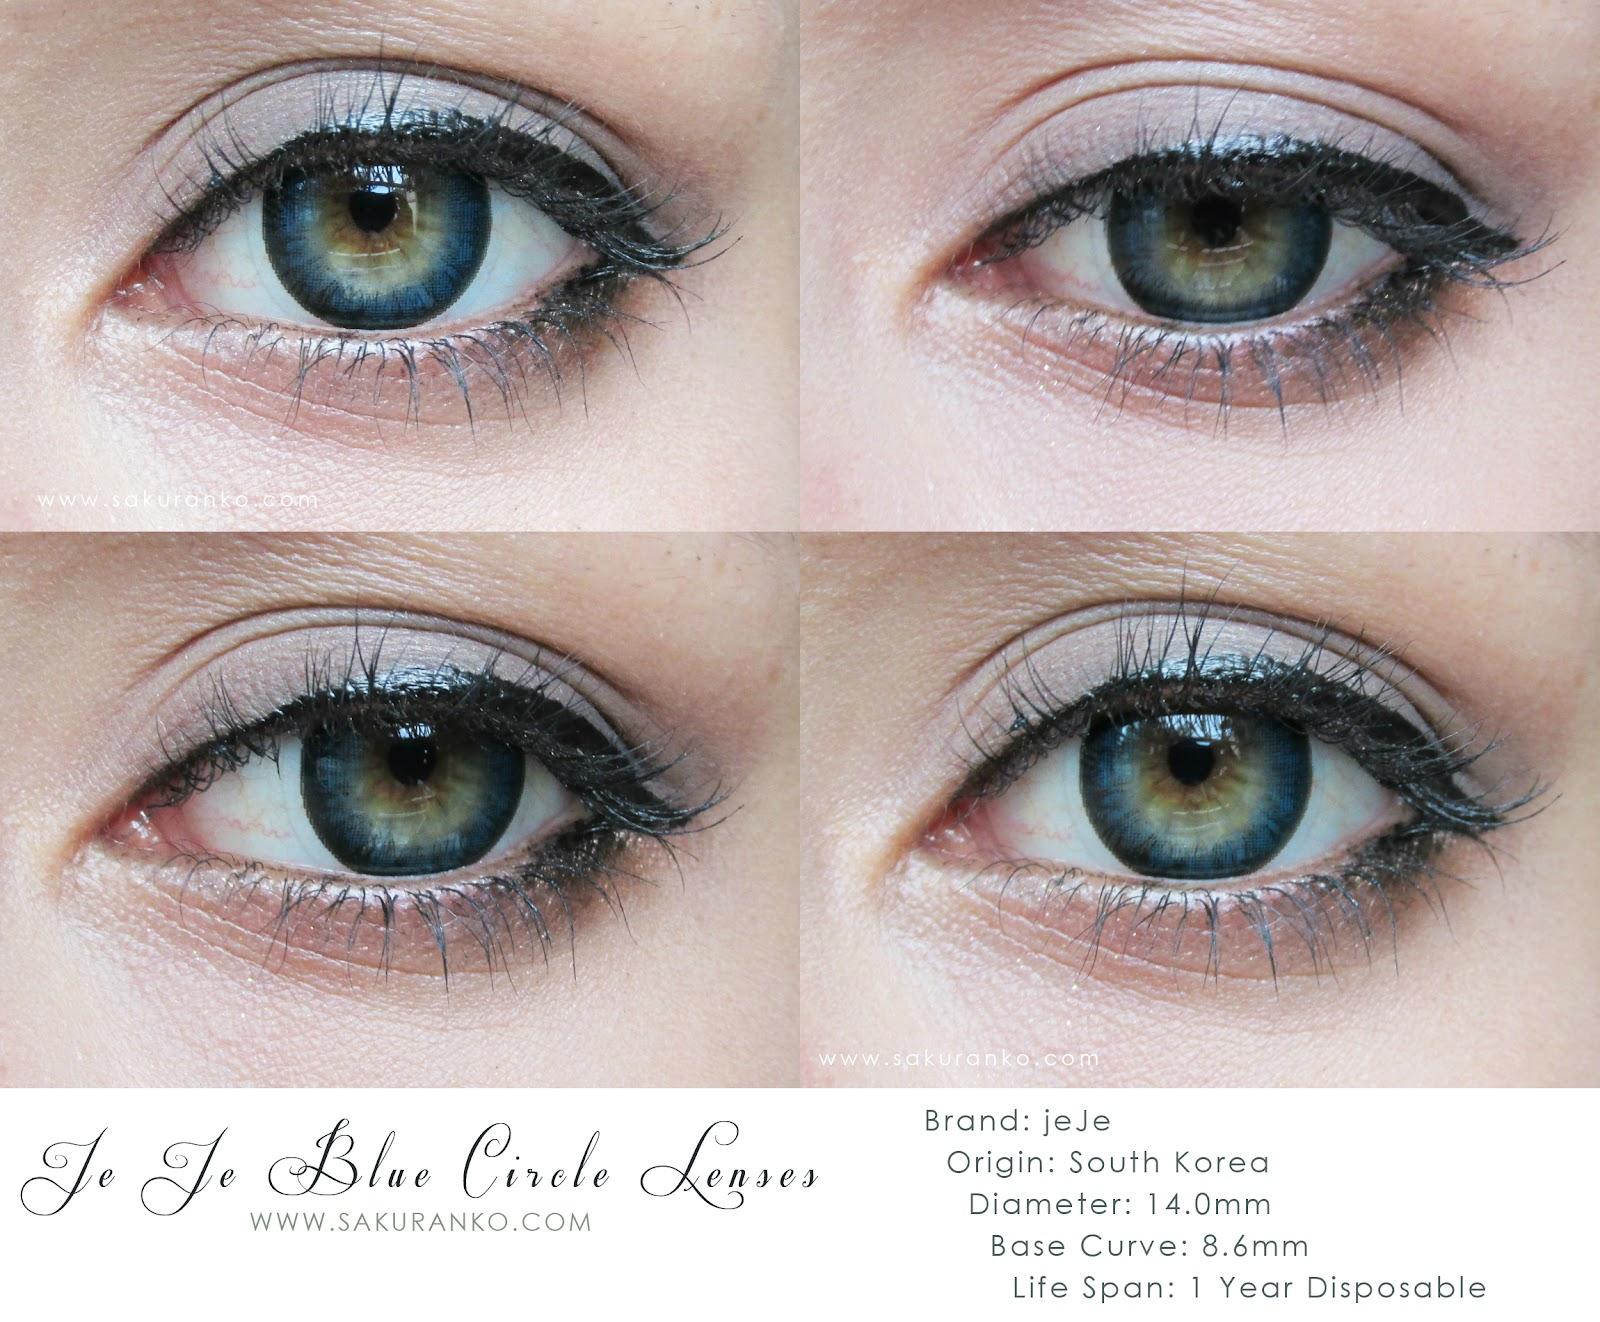 sakuranko jeje blue circle lenses review